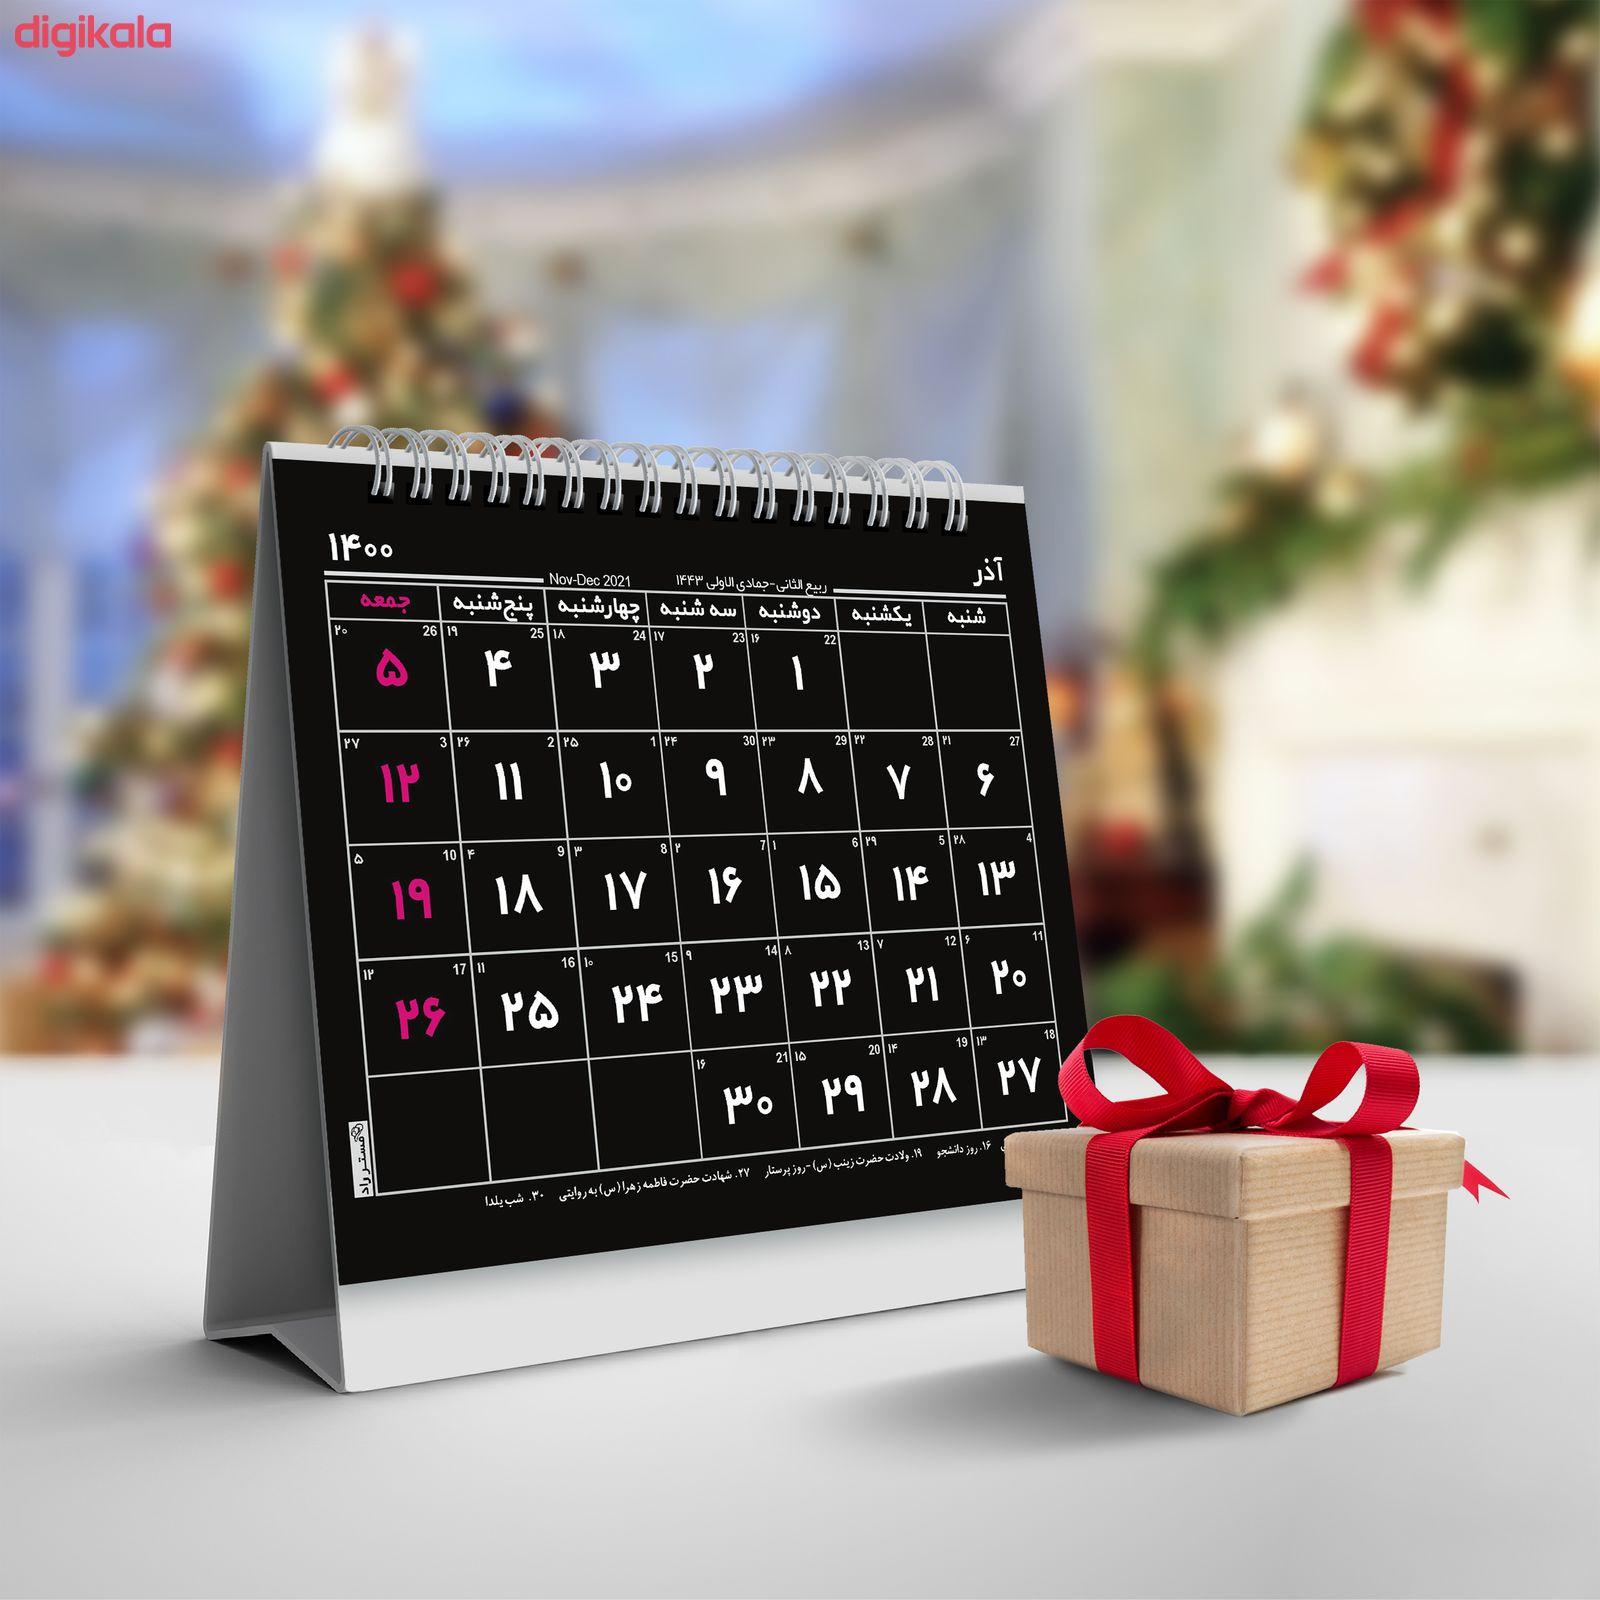 تقویم رومیزیسال 1400  مستر راد مدل endar 2021 کد s20 main 1 2